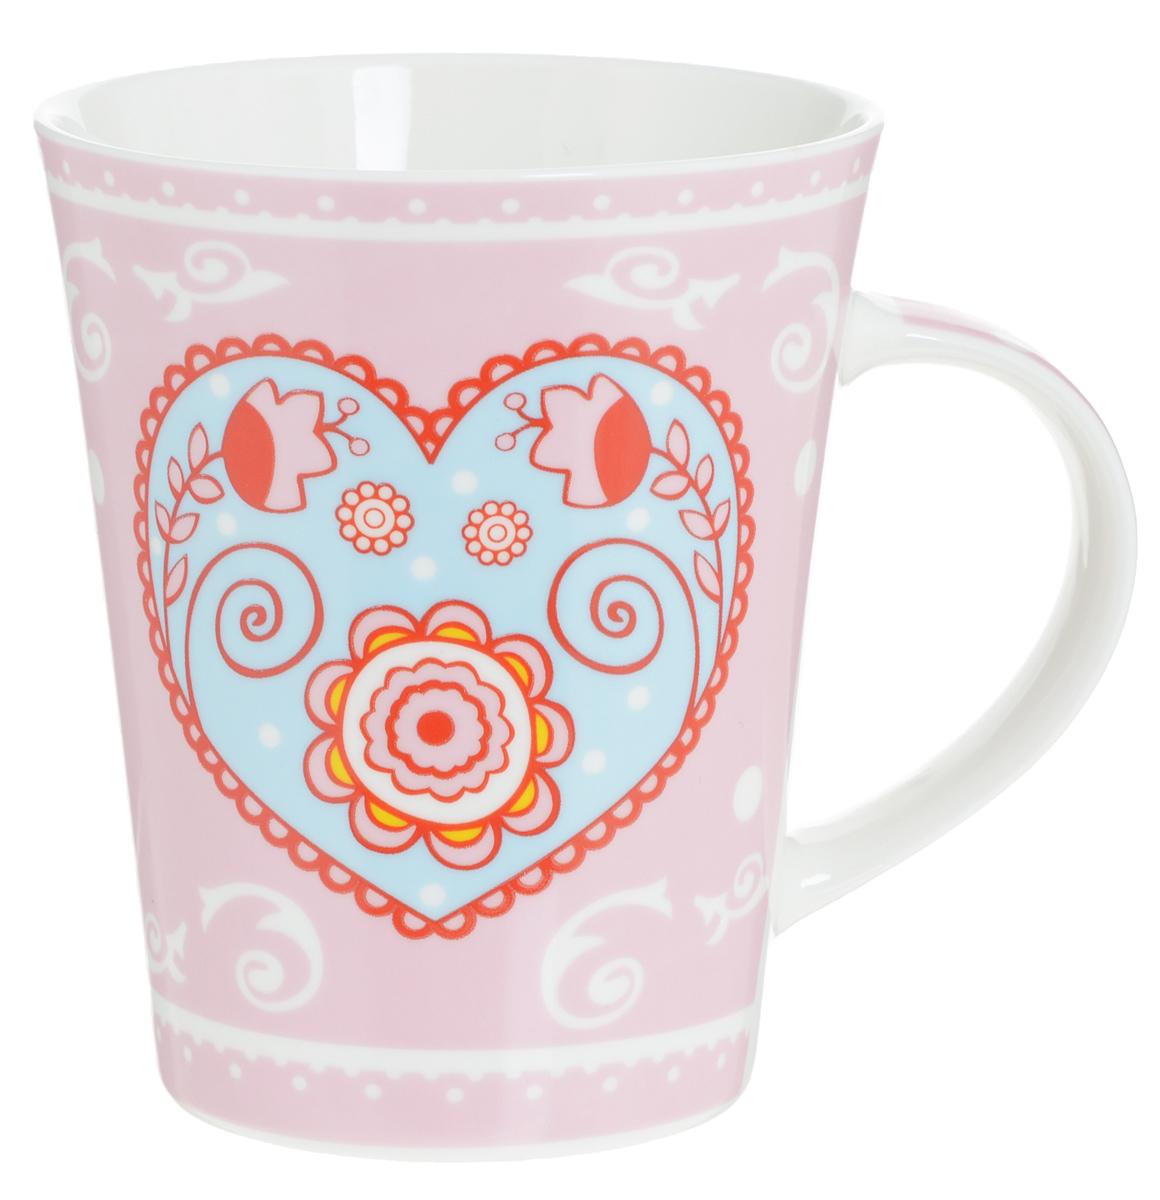 Кружка Loraine Сердце, цвет: розовый, голубой, 400 мл22118_голубое сердцеОригинальная кружка Loraine Сердце выполнена из высококачественной керамики и украшена изображением сердечек и надписями. Изделие оснащено эргономичной ручкой. Кружка Loraine Love сочетает в себе яркий дизайн и функциональность. Она согреет вас долгими холодными вечерами. Диаметр (по верхнему краю): 9 см. Высота кружки: 10,7 см. Объем: 400 мл.